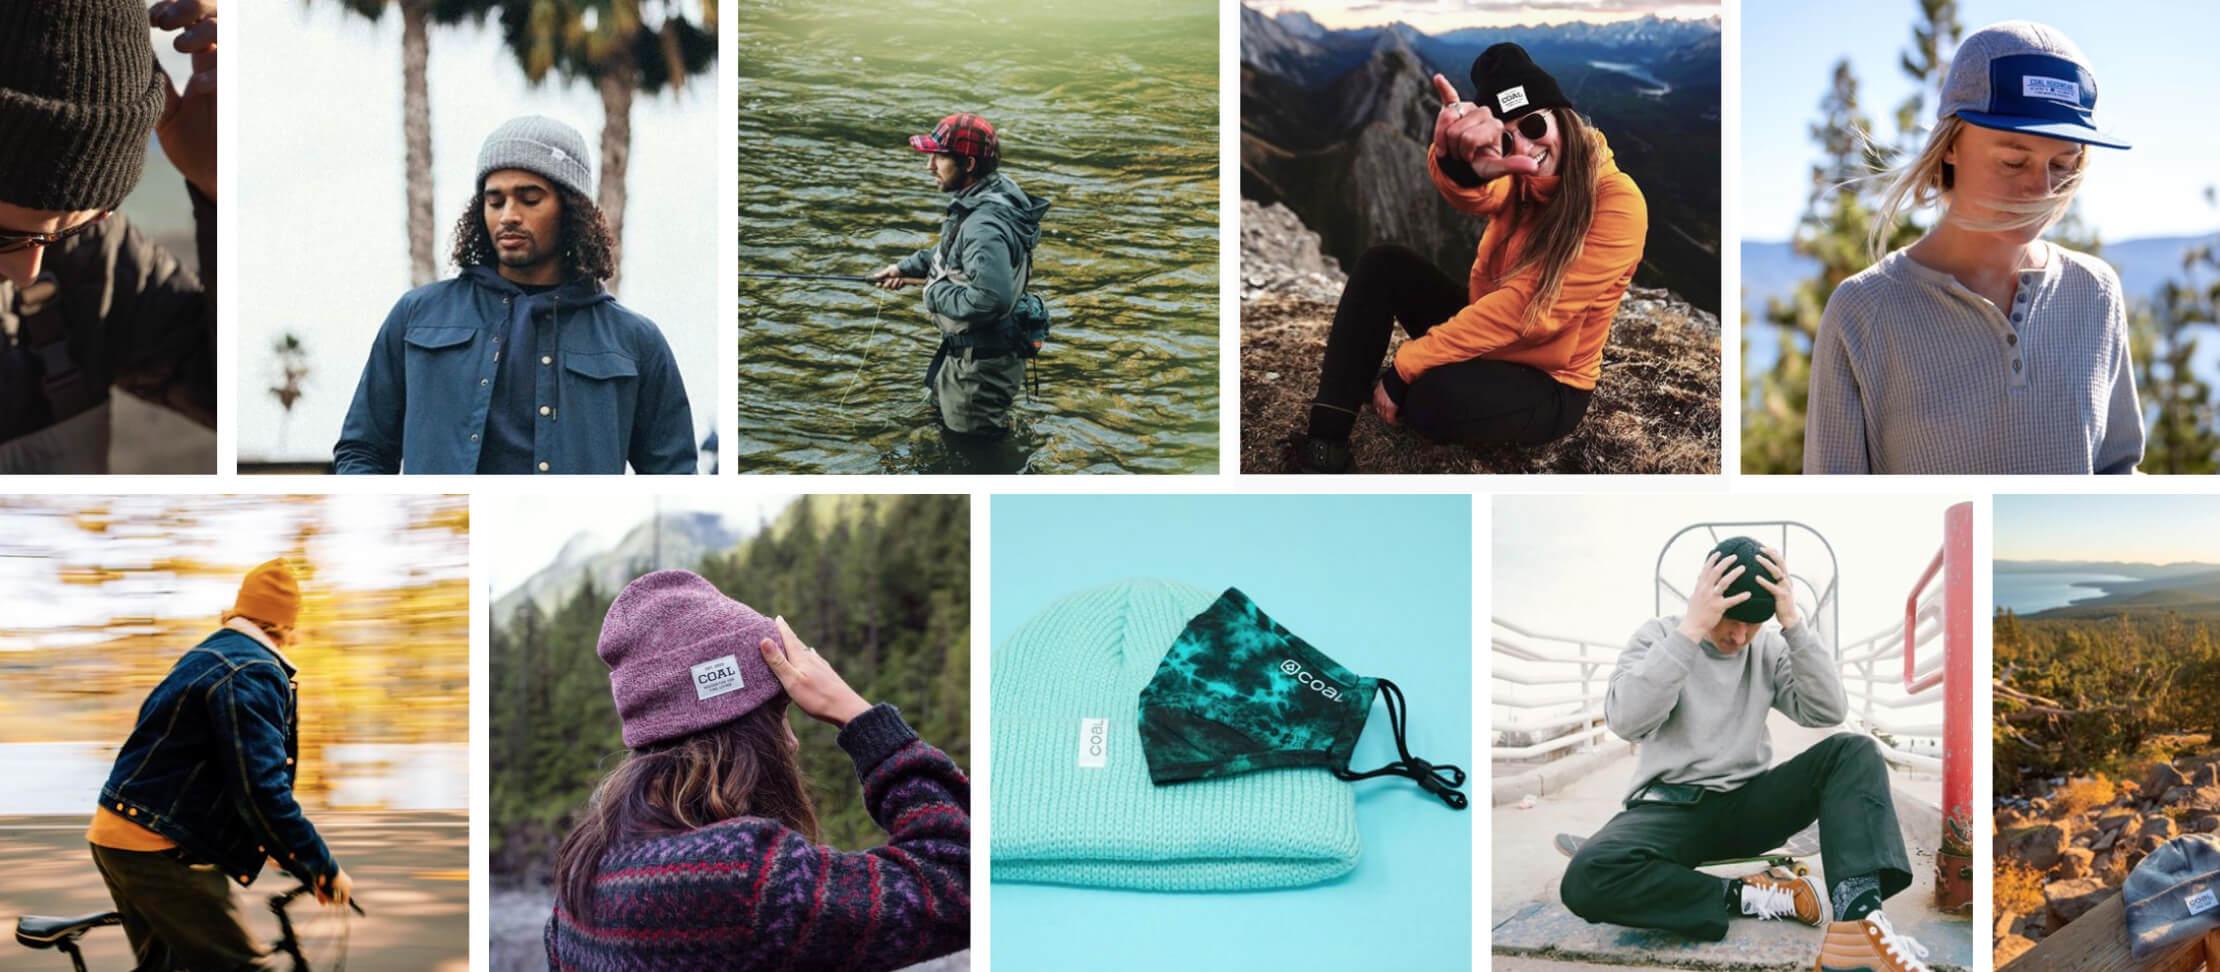 A collection of social media photos from Coal Headwear.